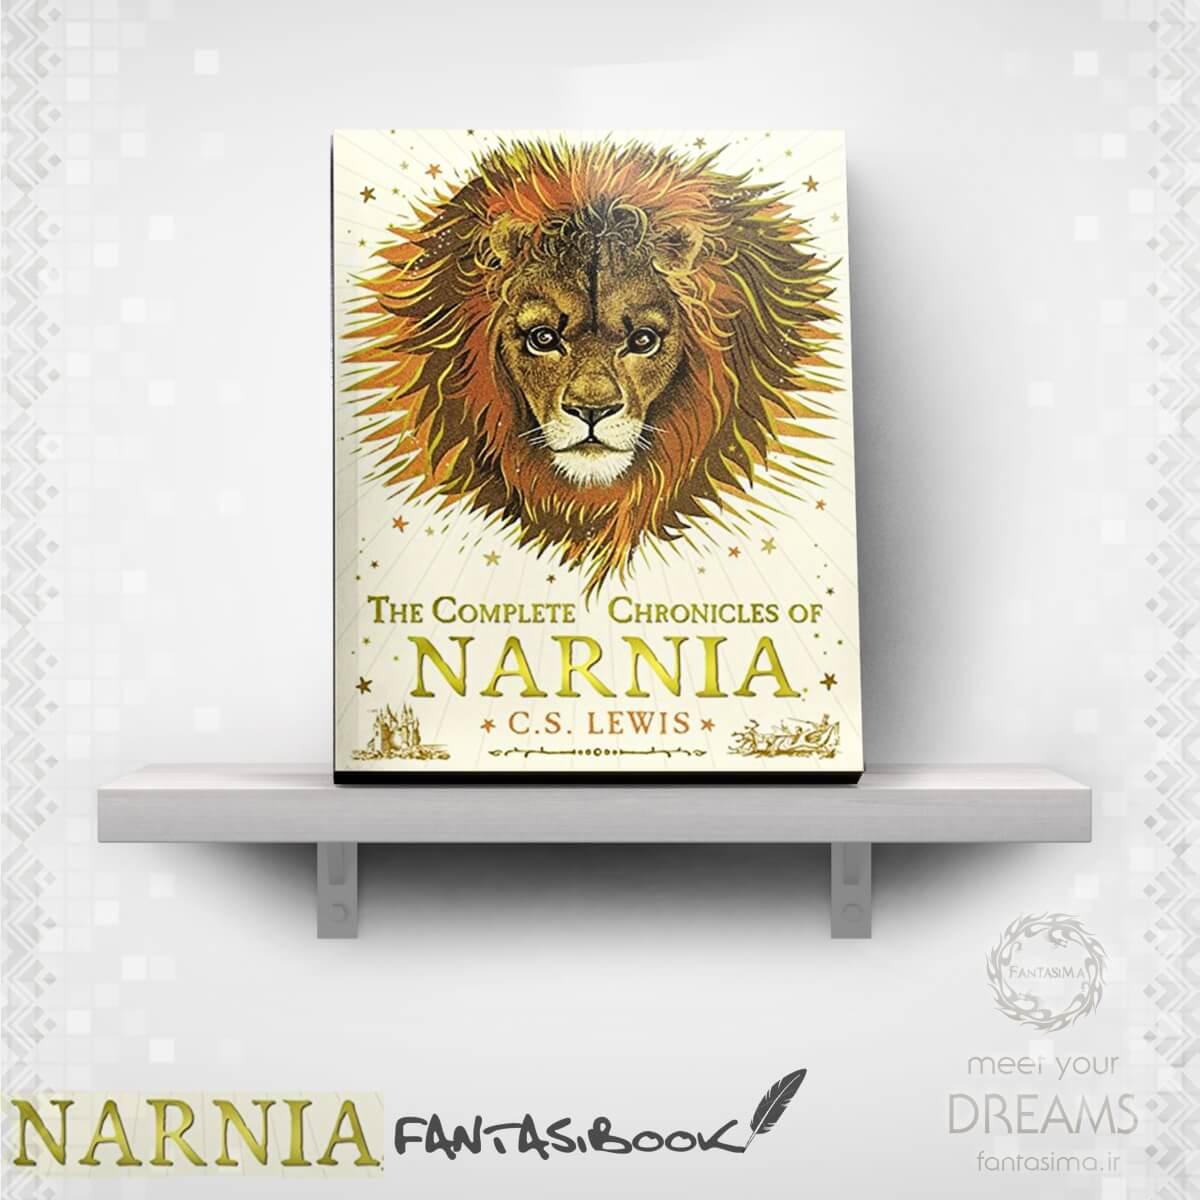 تاریخچه کامل نارنیا